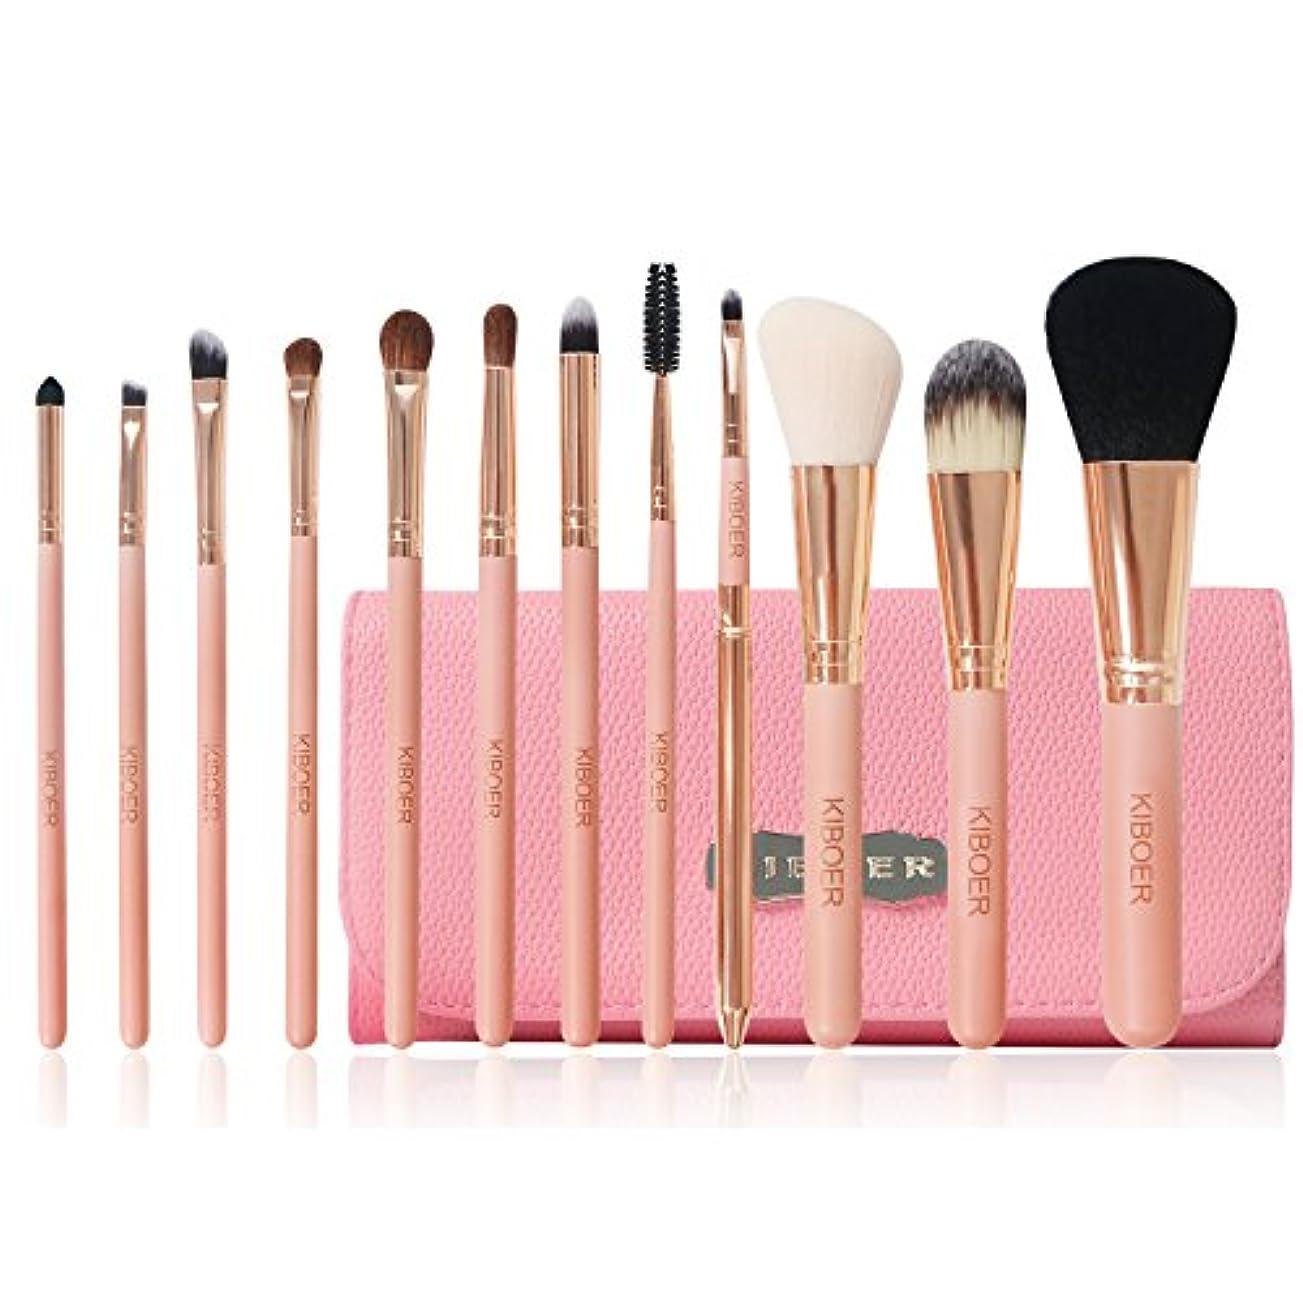 追い付く徹底つまらないKiboer メイクブラシ 12本セット メイクブラシセット 化粧筆 馬毛をふんだんに使用 乾きが速い 高品質PUレザー化粧ポーチ付き (ピンク)